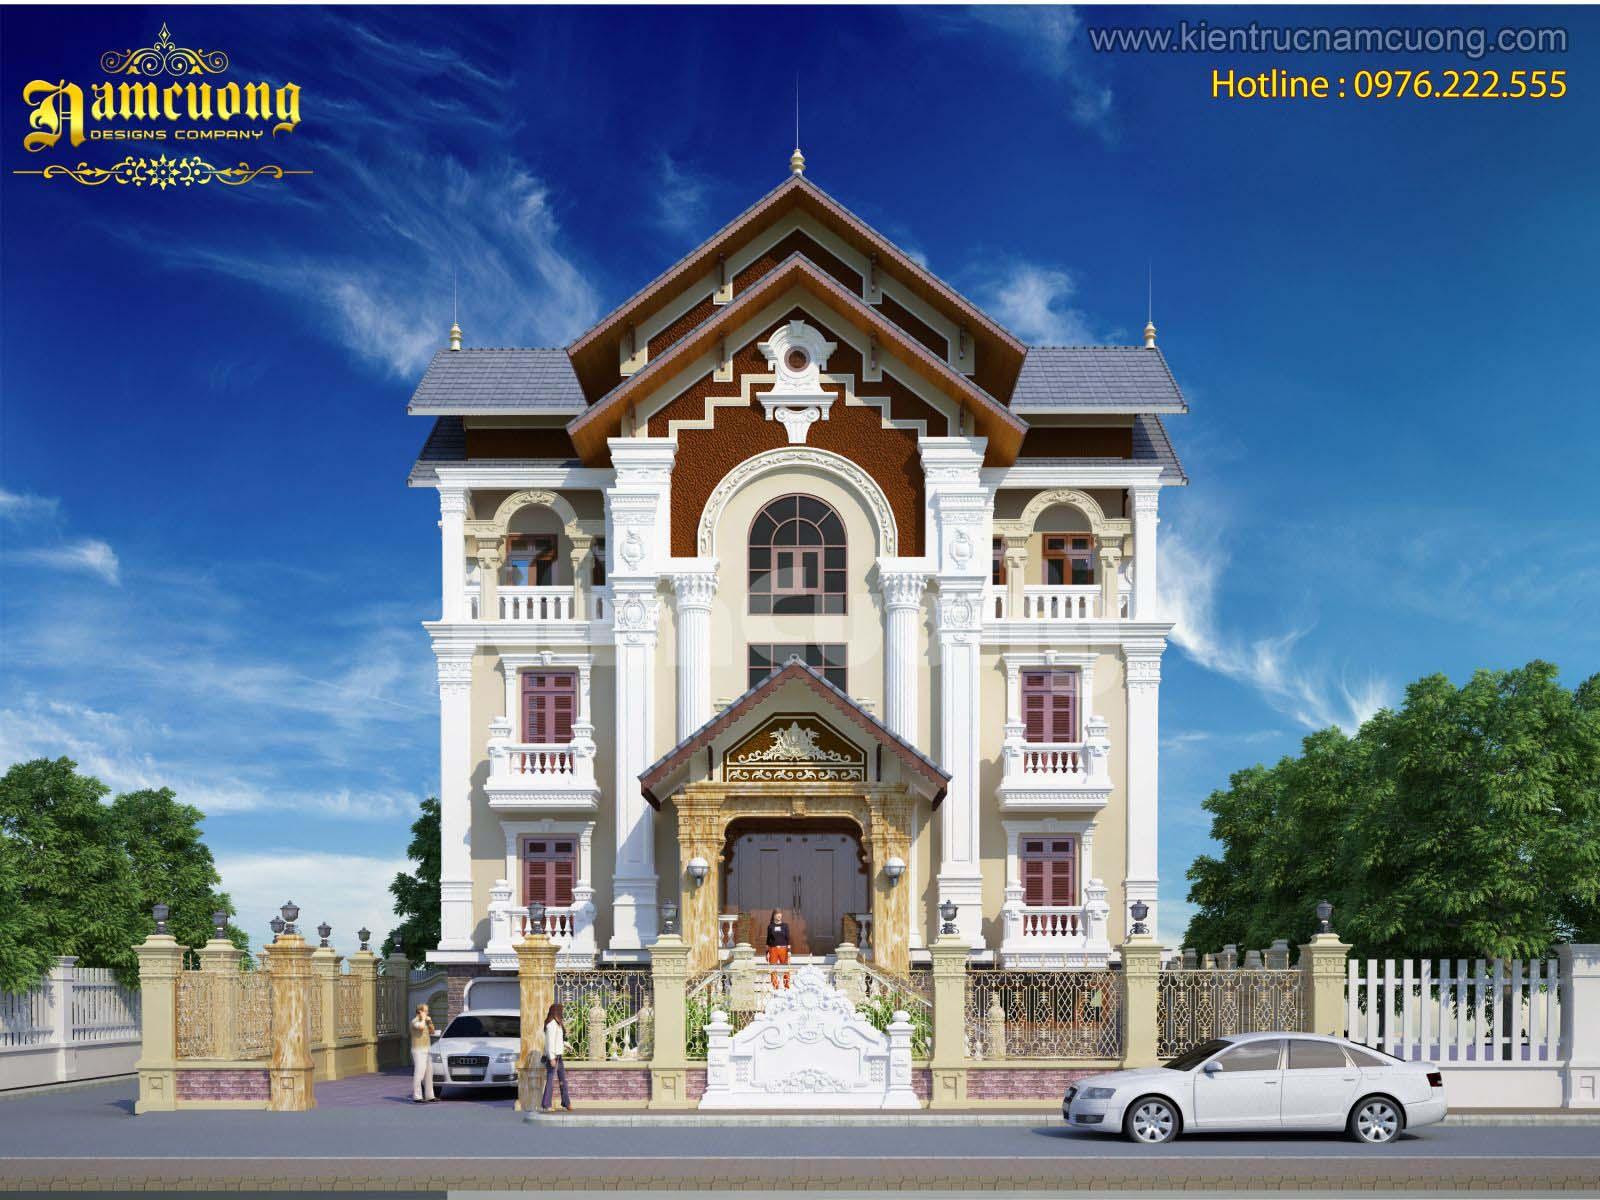 Thiết kế biệt thự kiến trúc Pháp tại Sài Gòn cao 3 tầng ấn tượng - BTP 010